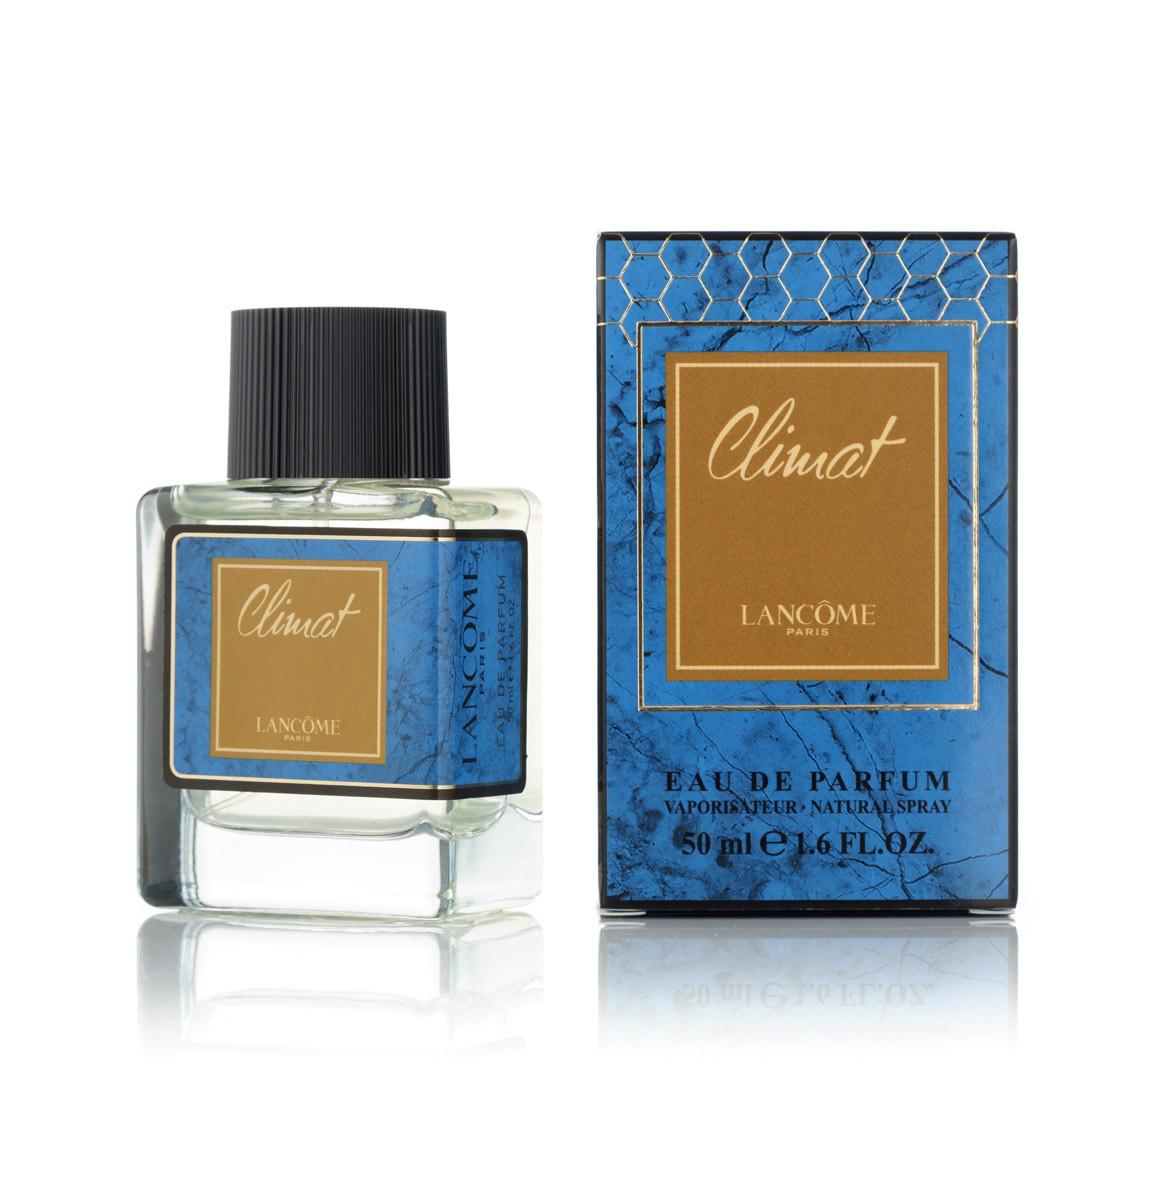 50 мл мини парфюм Lancome Climat  - Ж (код: 420)